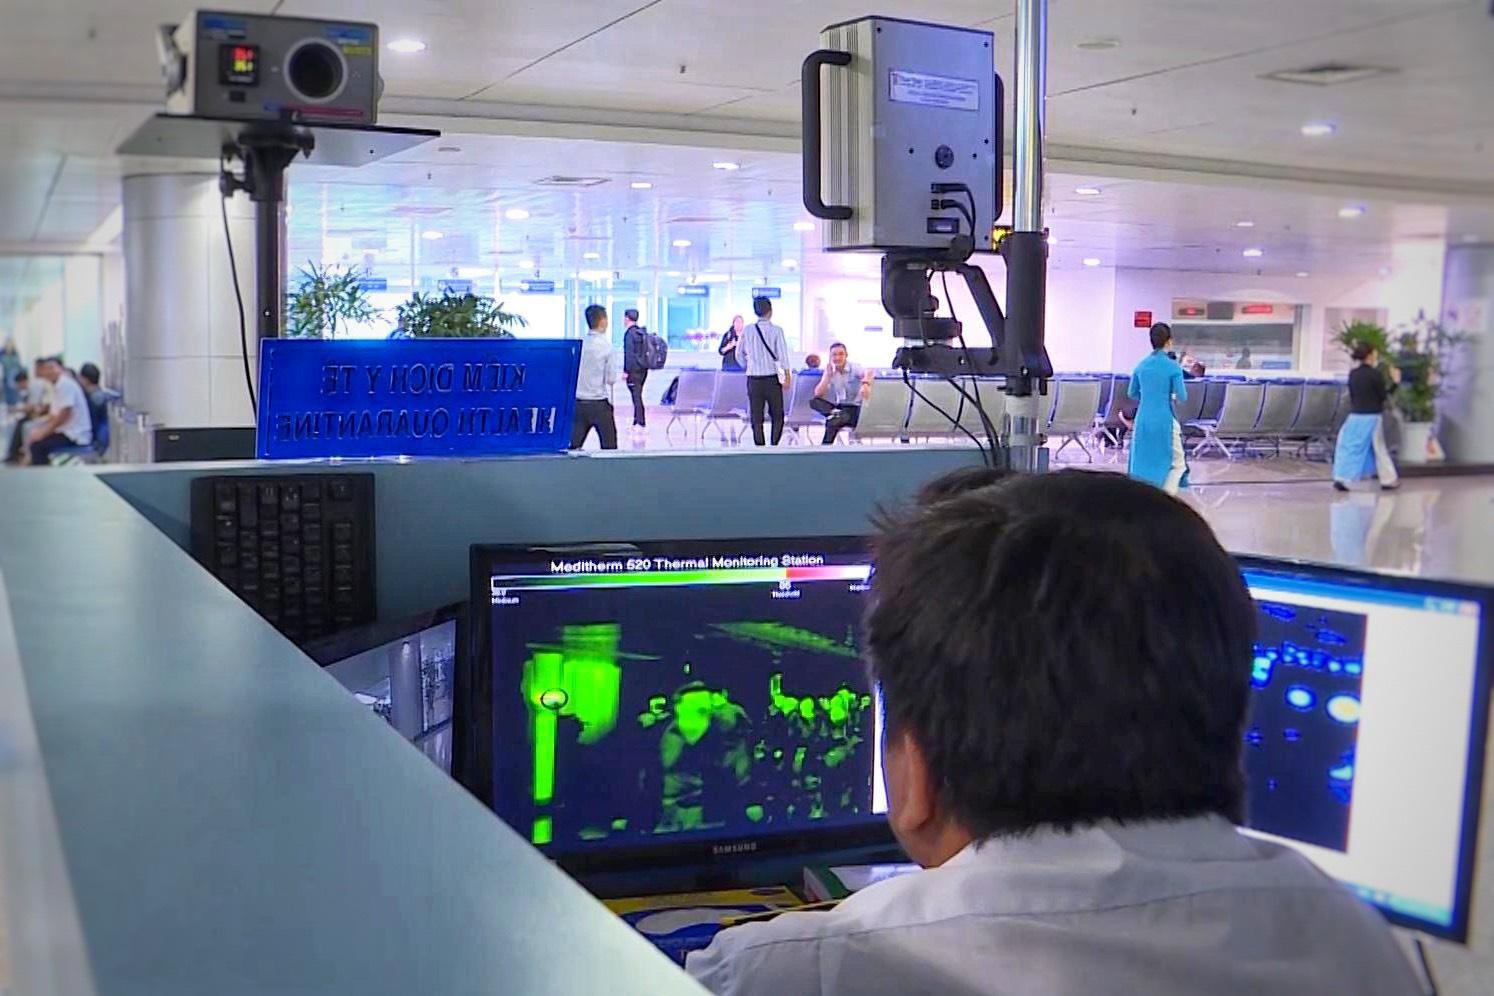 Giám sát thân nhiệt hành khách nhập cảnh tại sân bay Tân Sơn Nhất, TPHCM